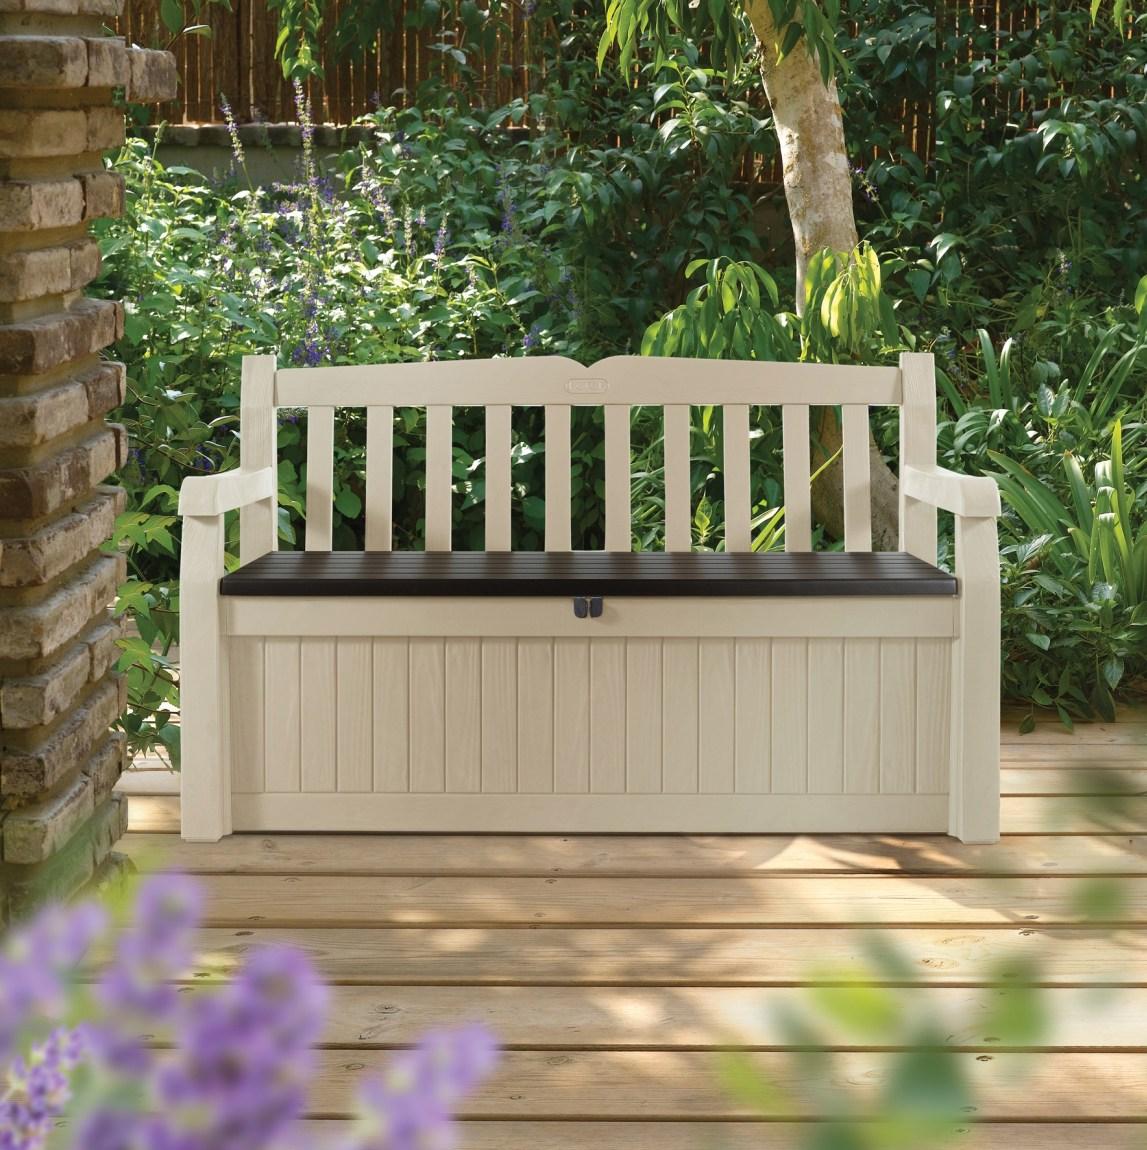 keter eden garden bench oede1 landera outdoor storage and furniture